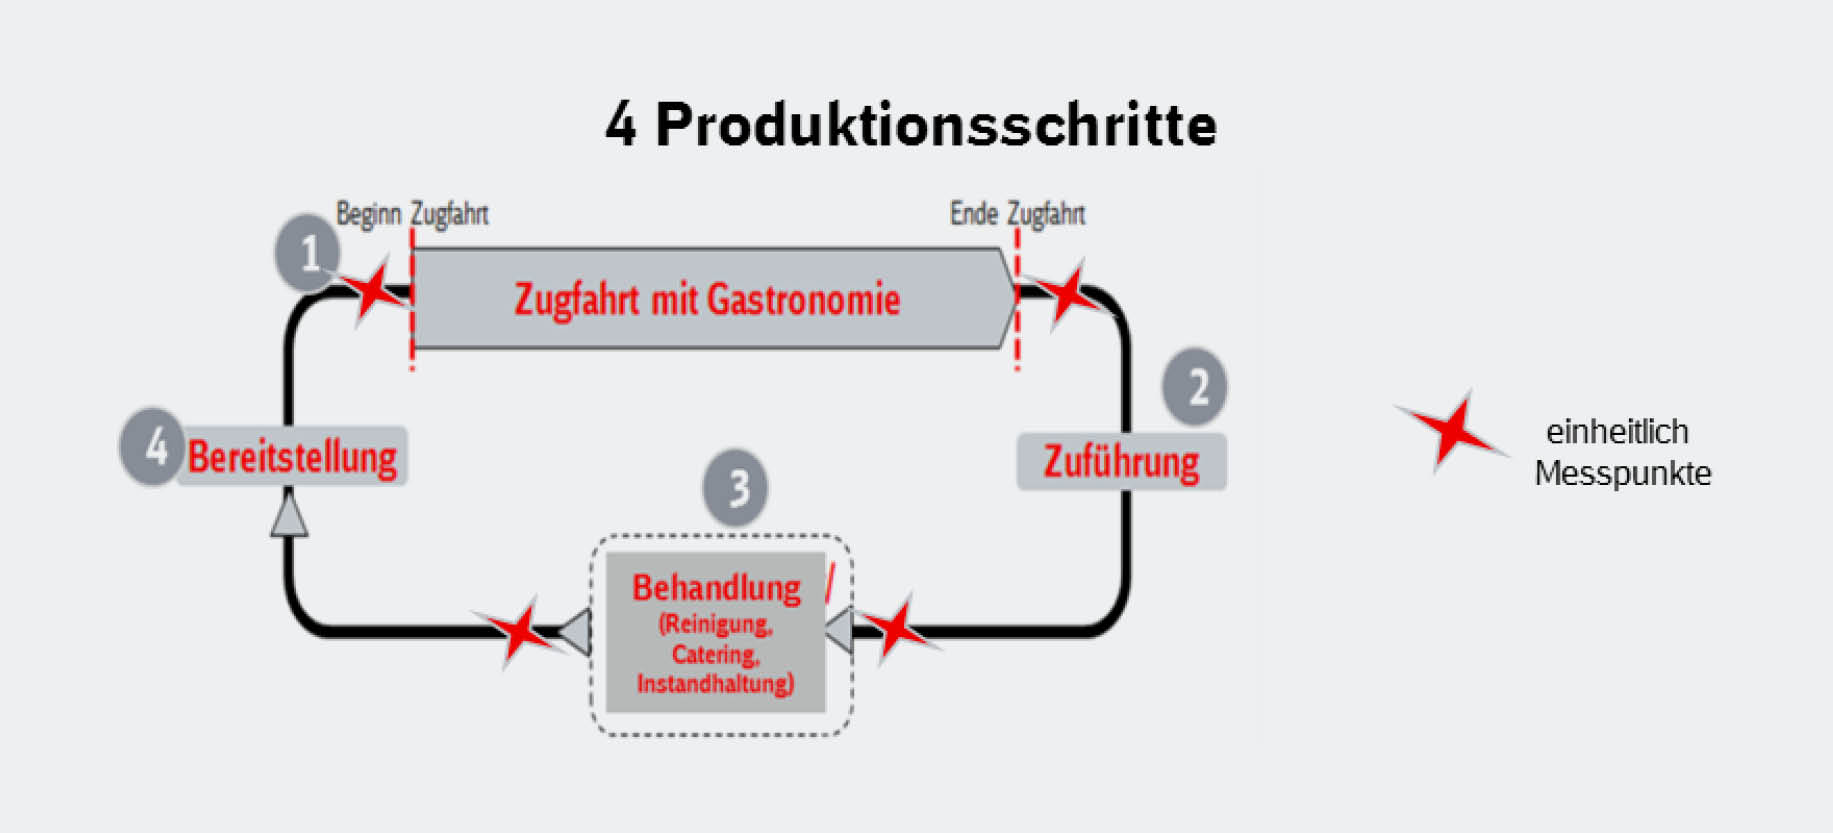 grafische darstellung: Die vier Produktiionsschritte bei DB Fernverkehr